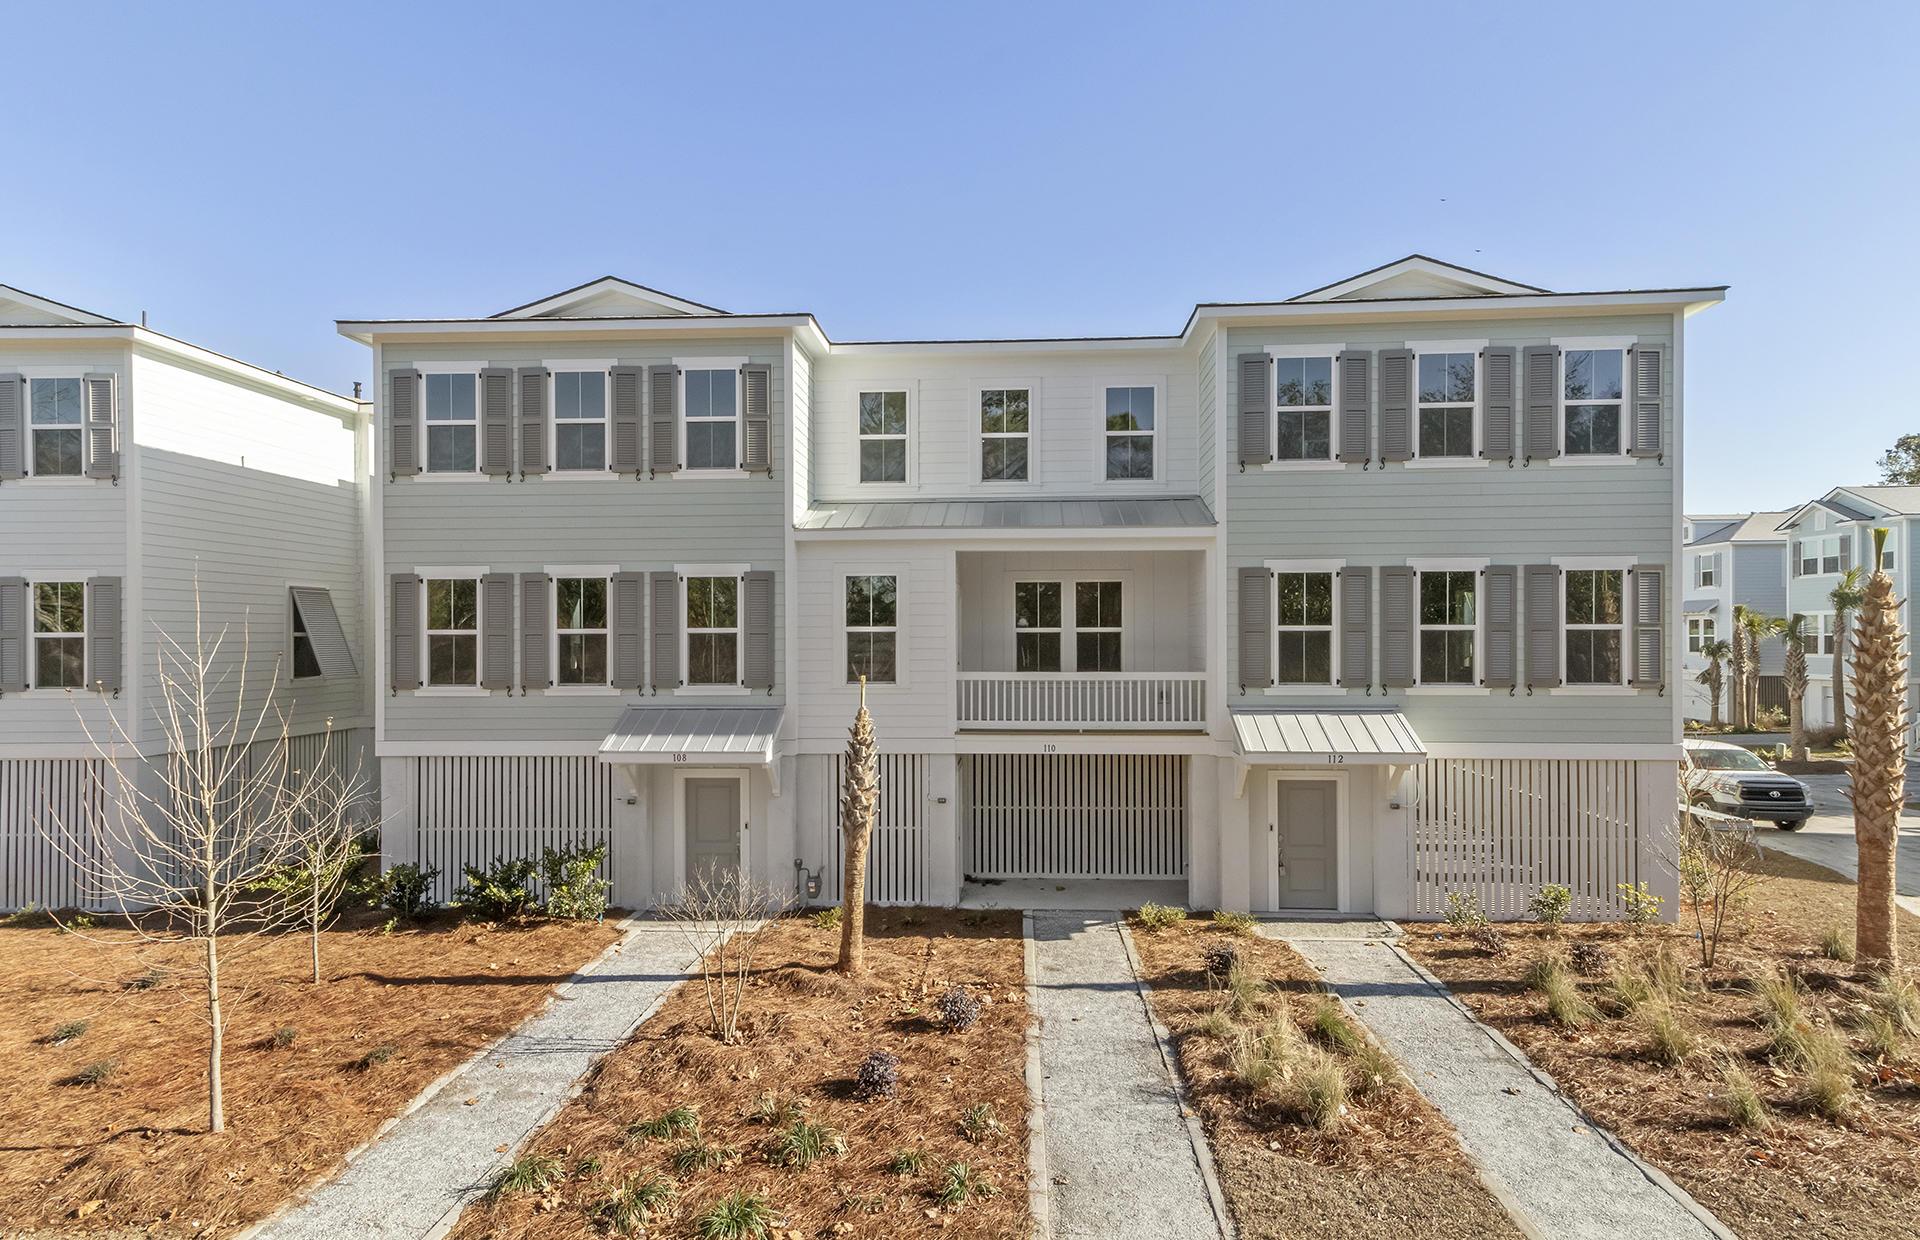 Kings Flats Homes For Sale - 110 Alder, Charleston, SC - 8